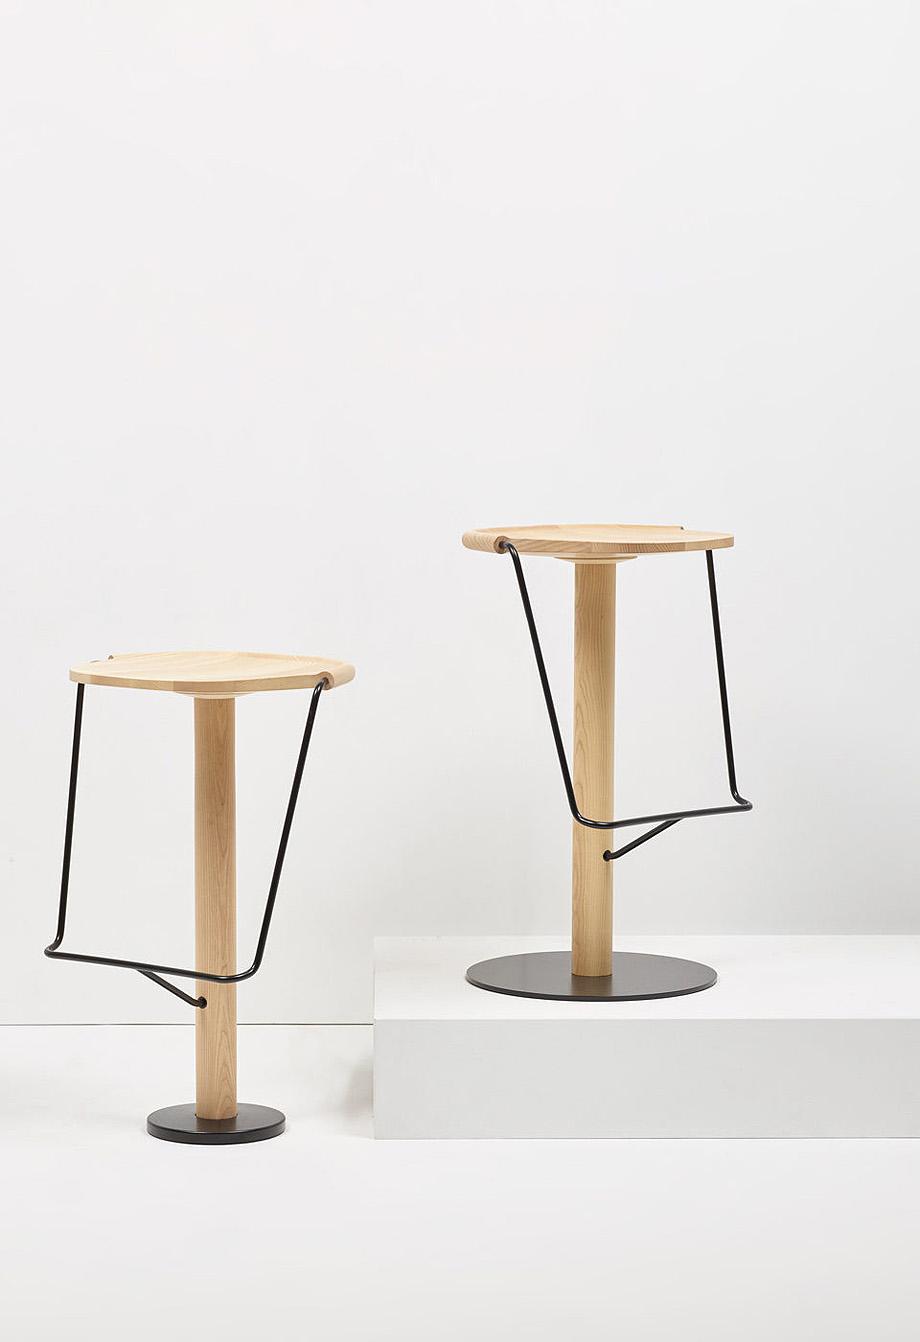 silla y taburete uncino de bouroullec y mattiazzi (7)